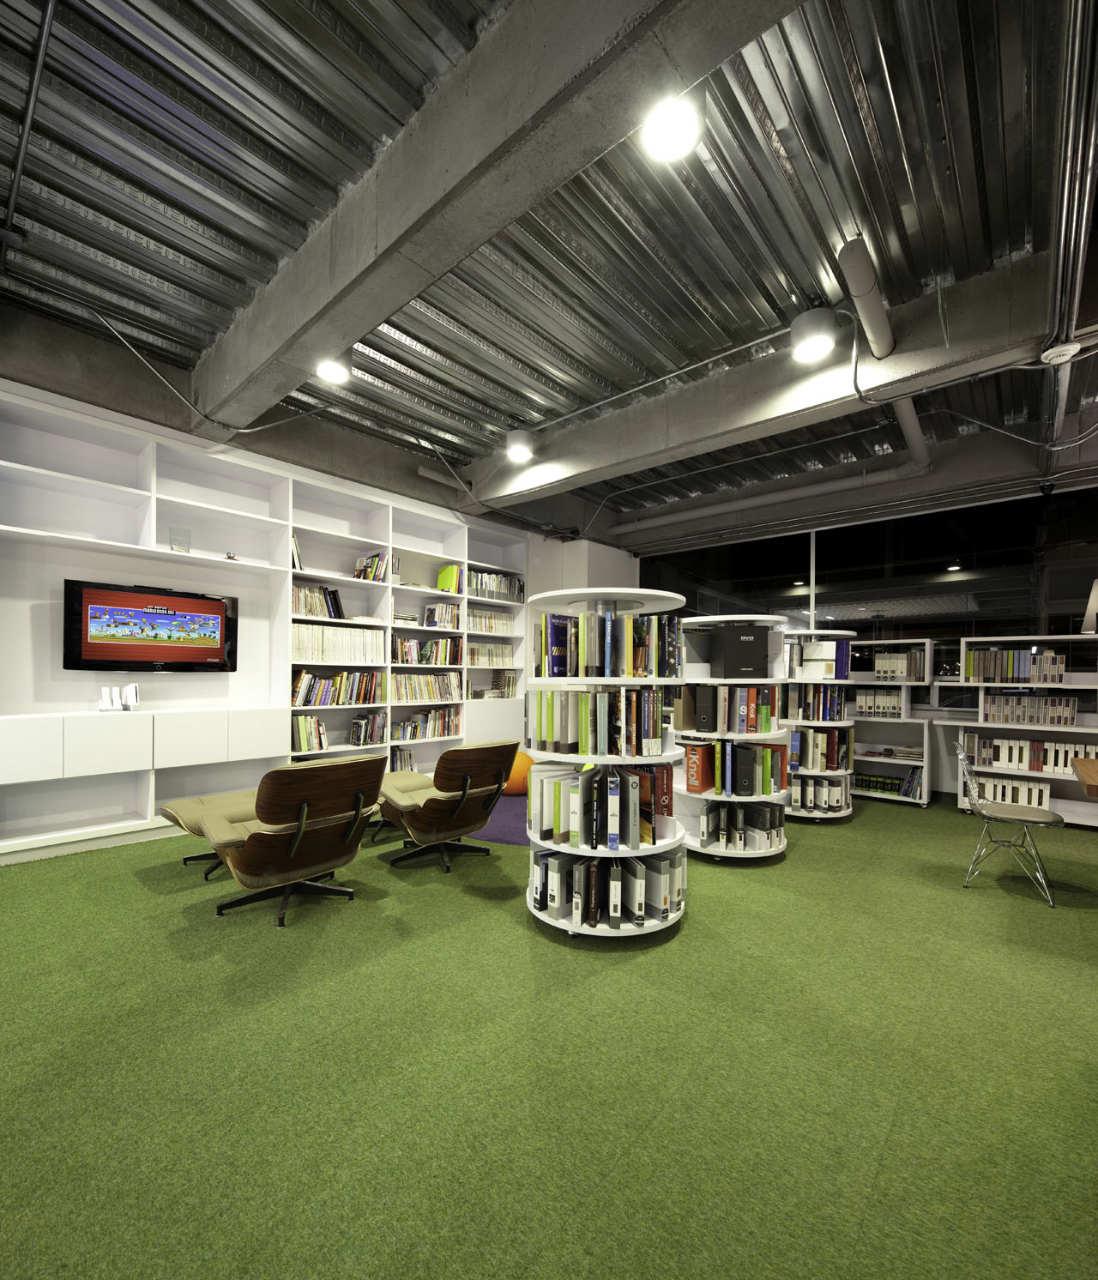 Gallery of aei headquarters arquitectura e interiores 10 - Arquitectura interior ...